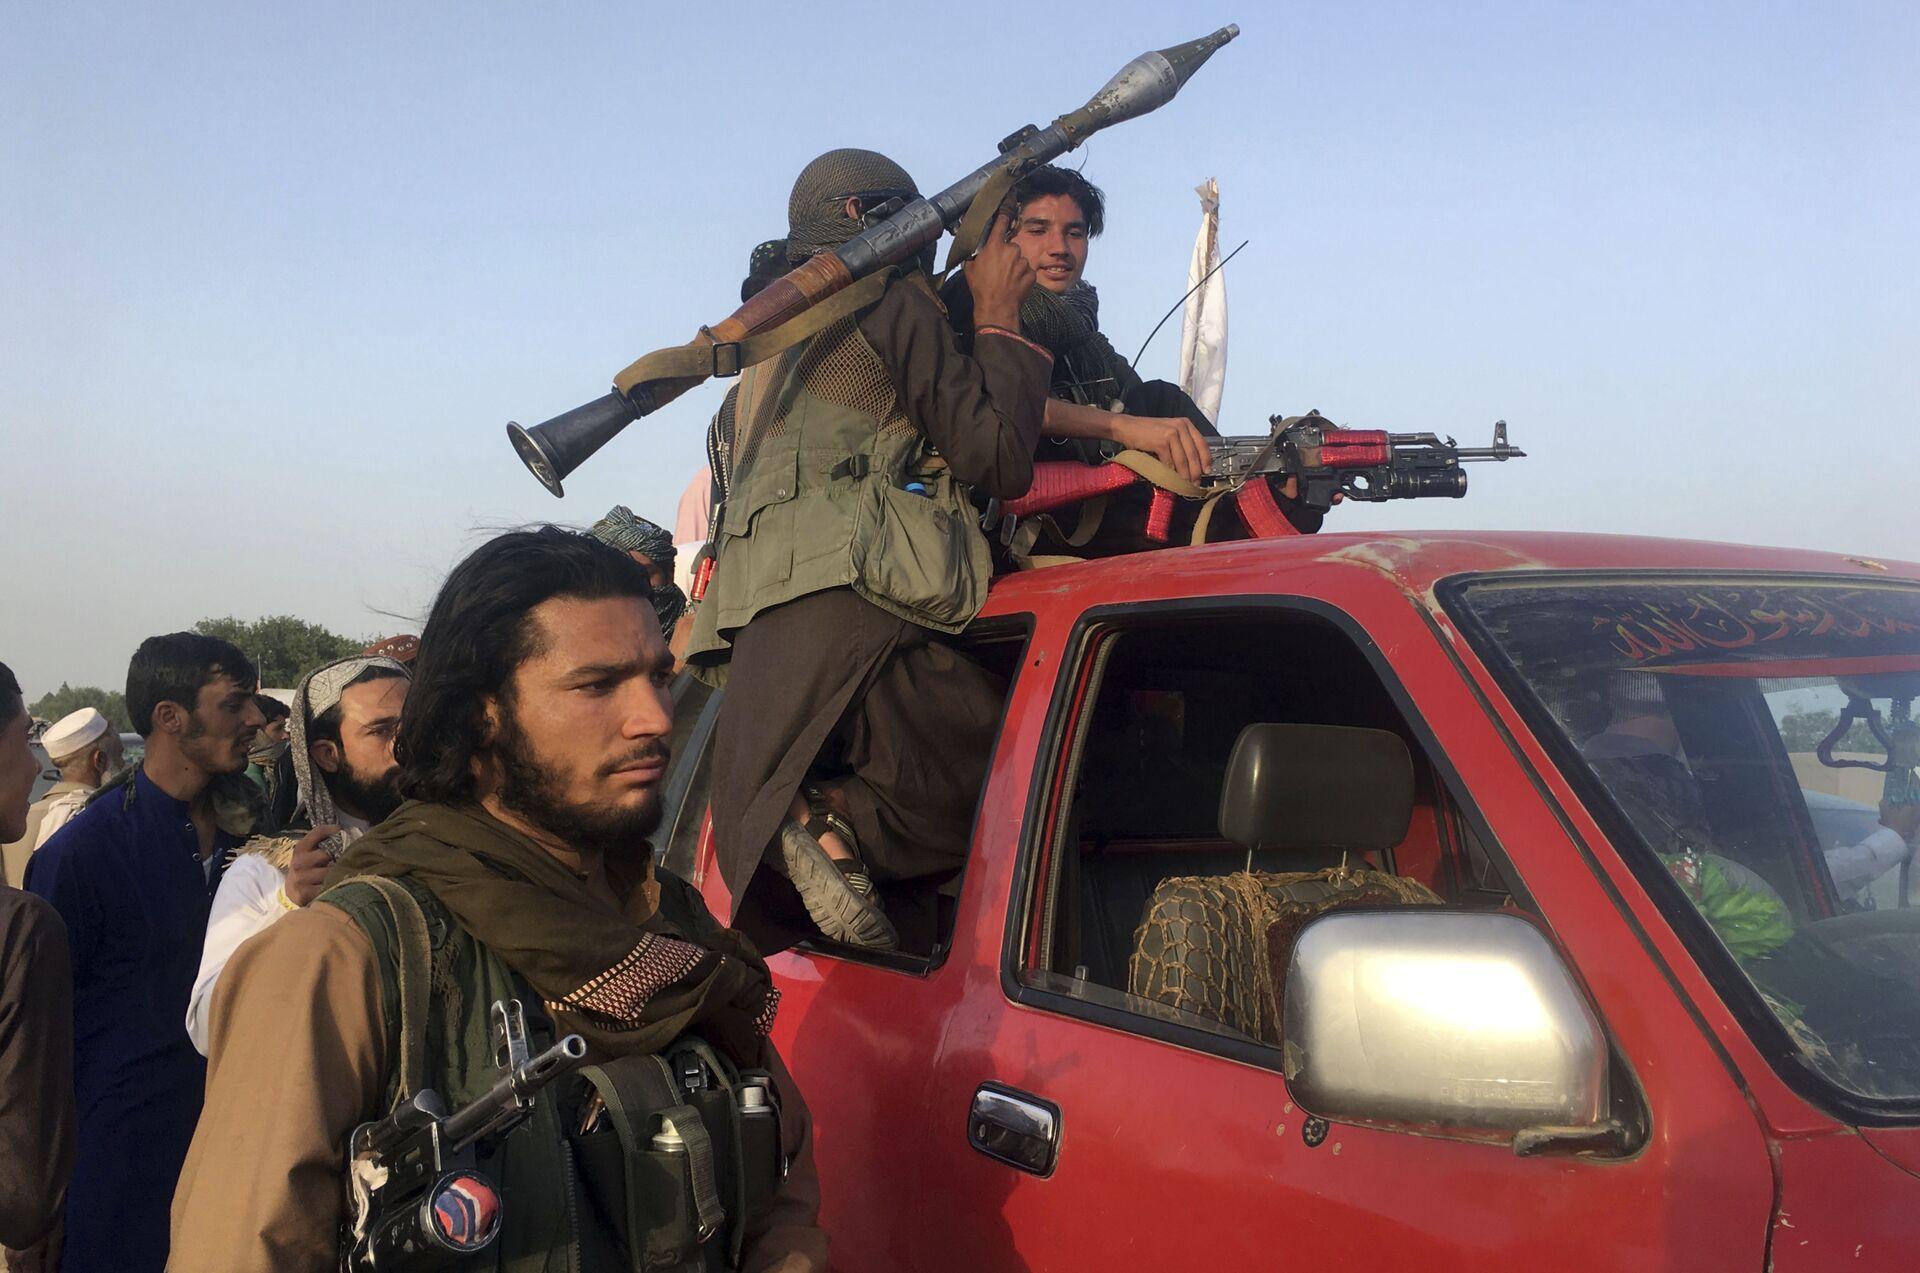 Taliban fighters ride in their vehicle in Surkhroad district of Nangarhar province, east of Kabul, Afghanistan, Saturday, June 16, 2018 - Sputnik International, 1920, 07.09.2021